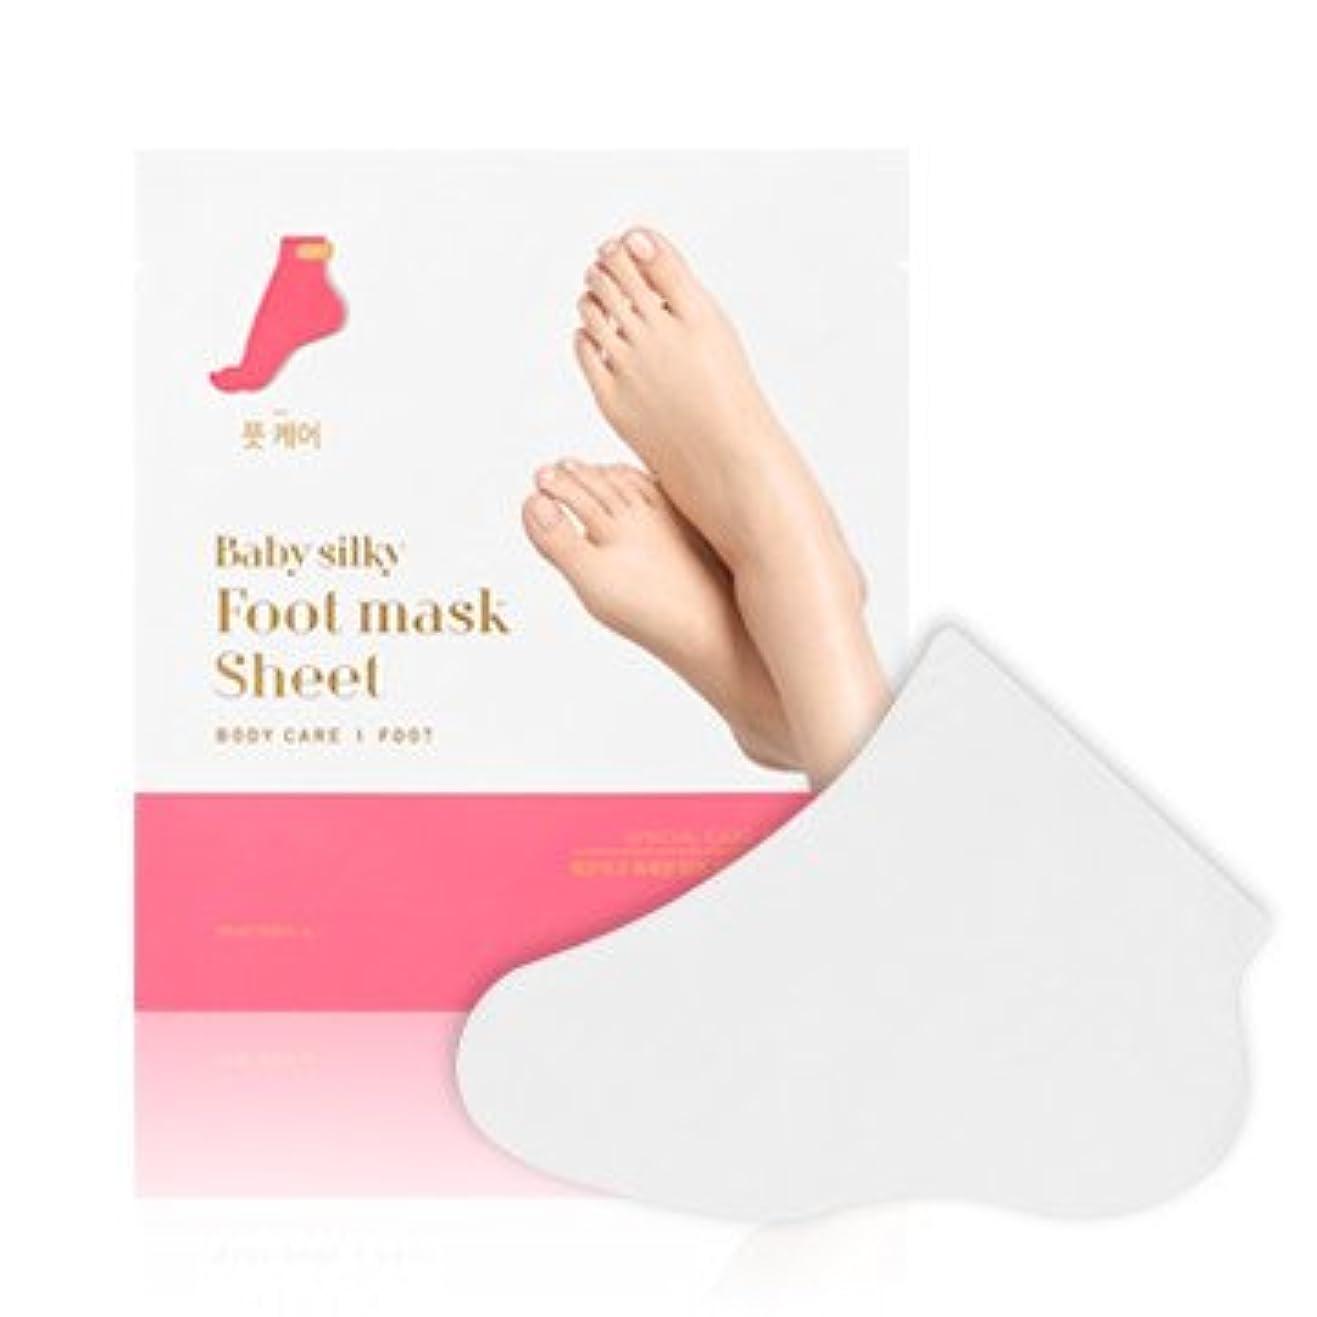 転送バドミントン信条[Holika Holika/ホリカホリカ] ベビーシルキーフット マスクシート ?しっとり?/ Baby Silky Foot Mask Sheet 6EA [並行輸入品] …